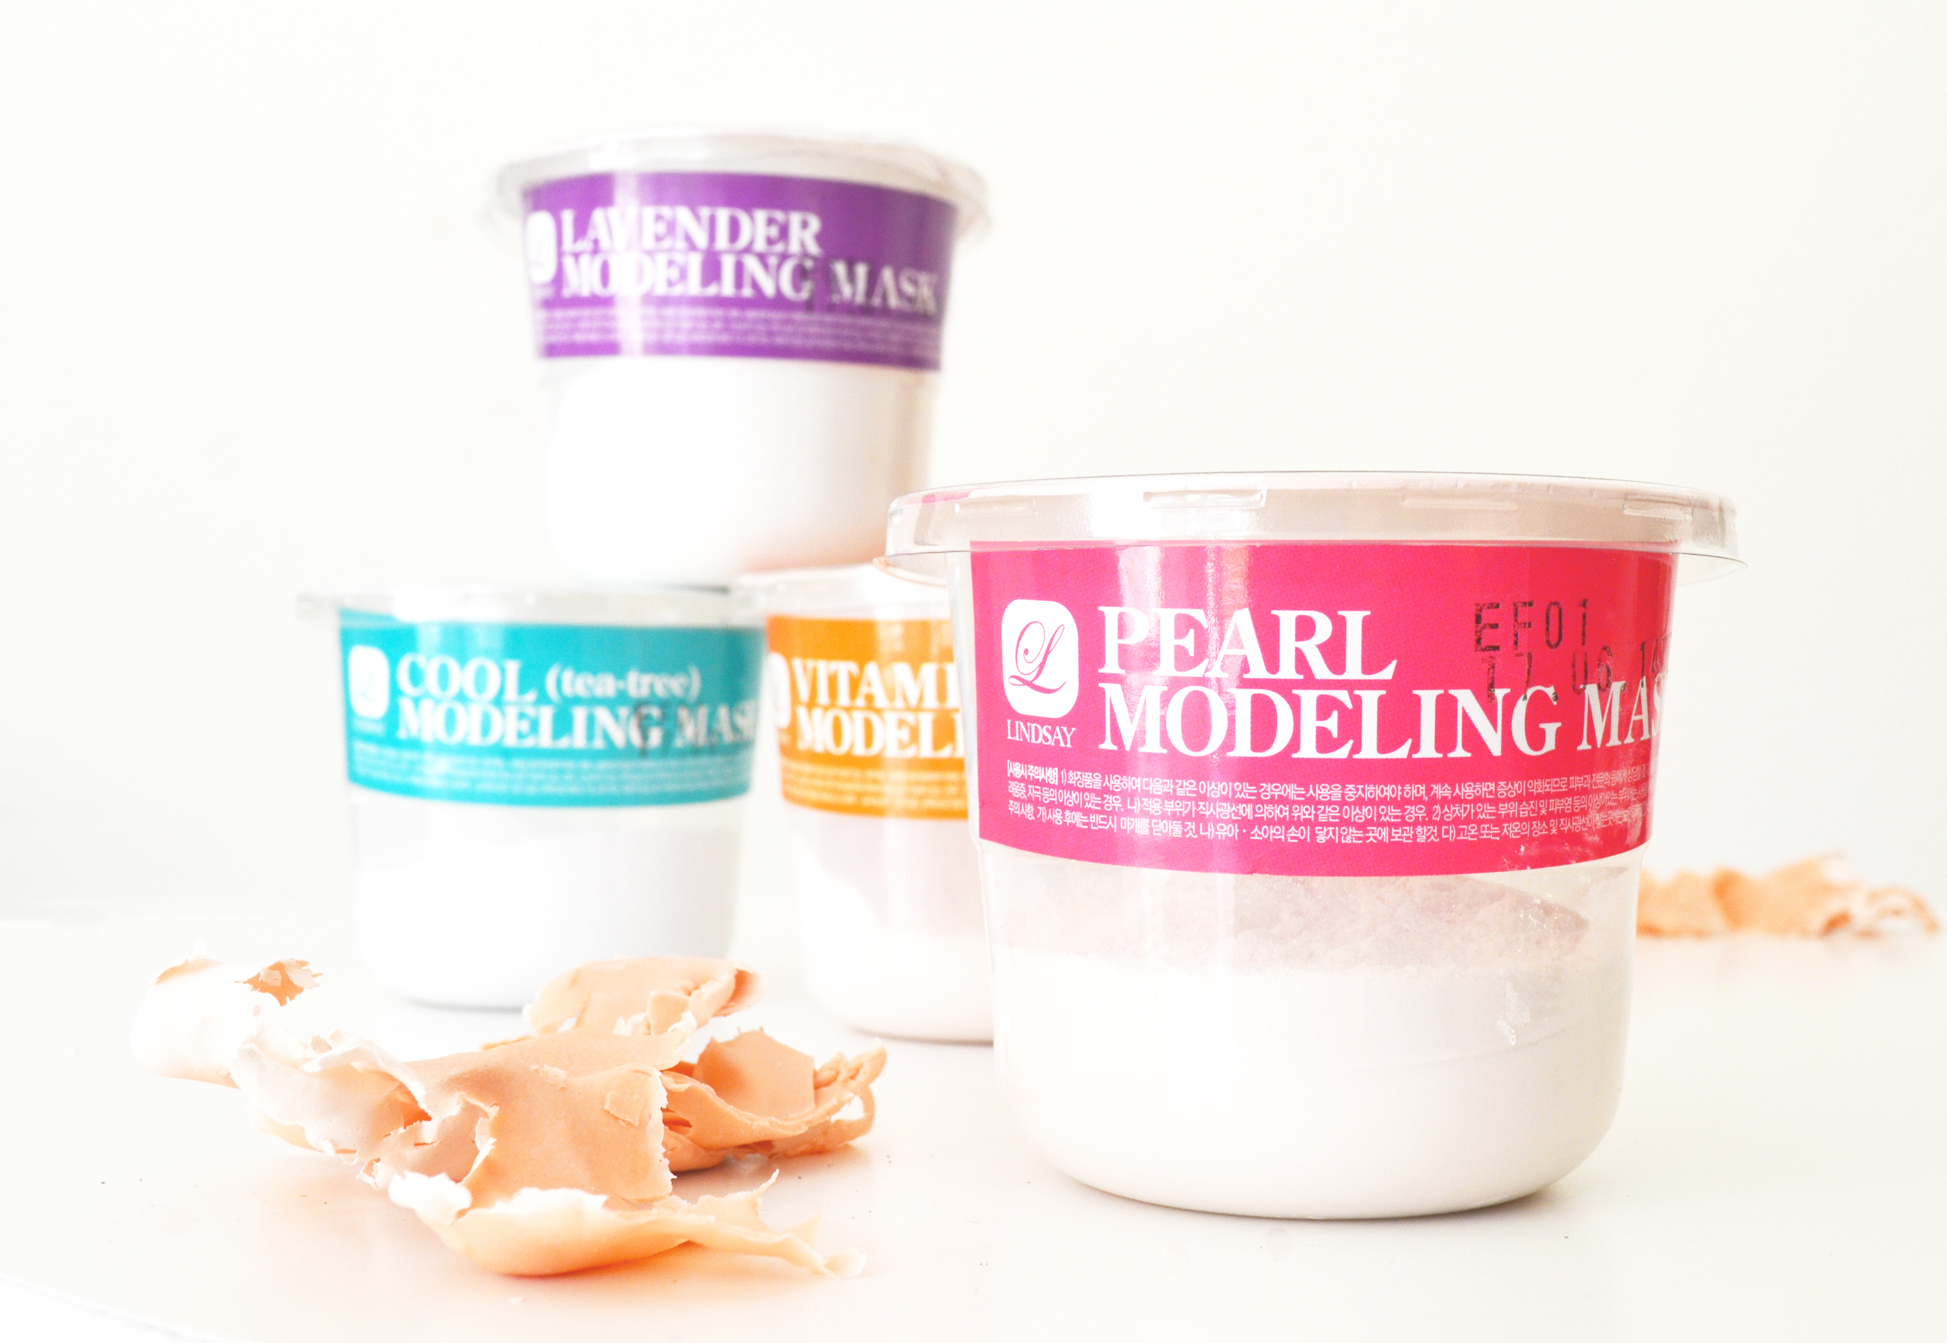 lindsay-korean-modeling-mask-pearl-lavender-vitamin-c-tea-tree-review